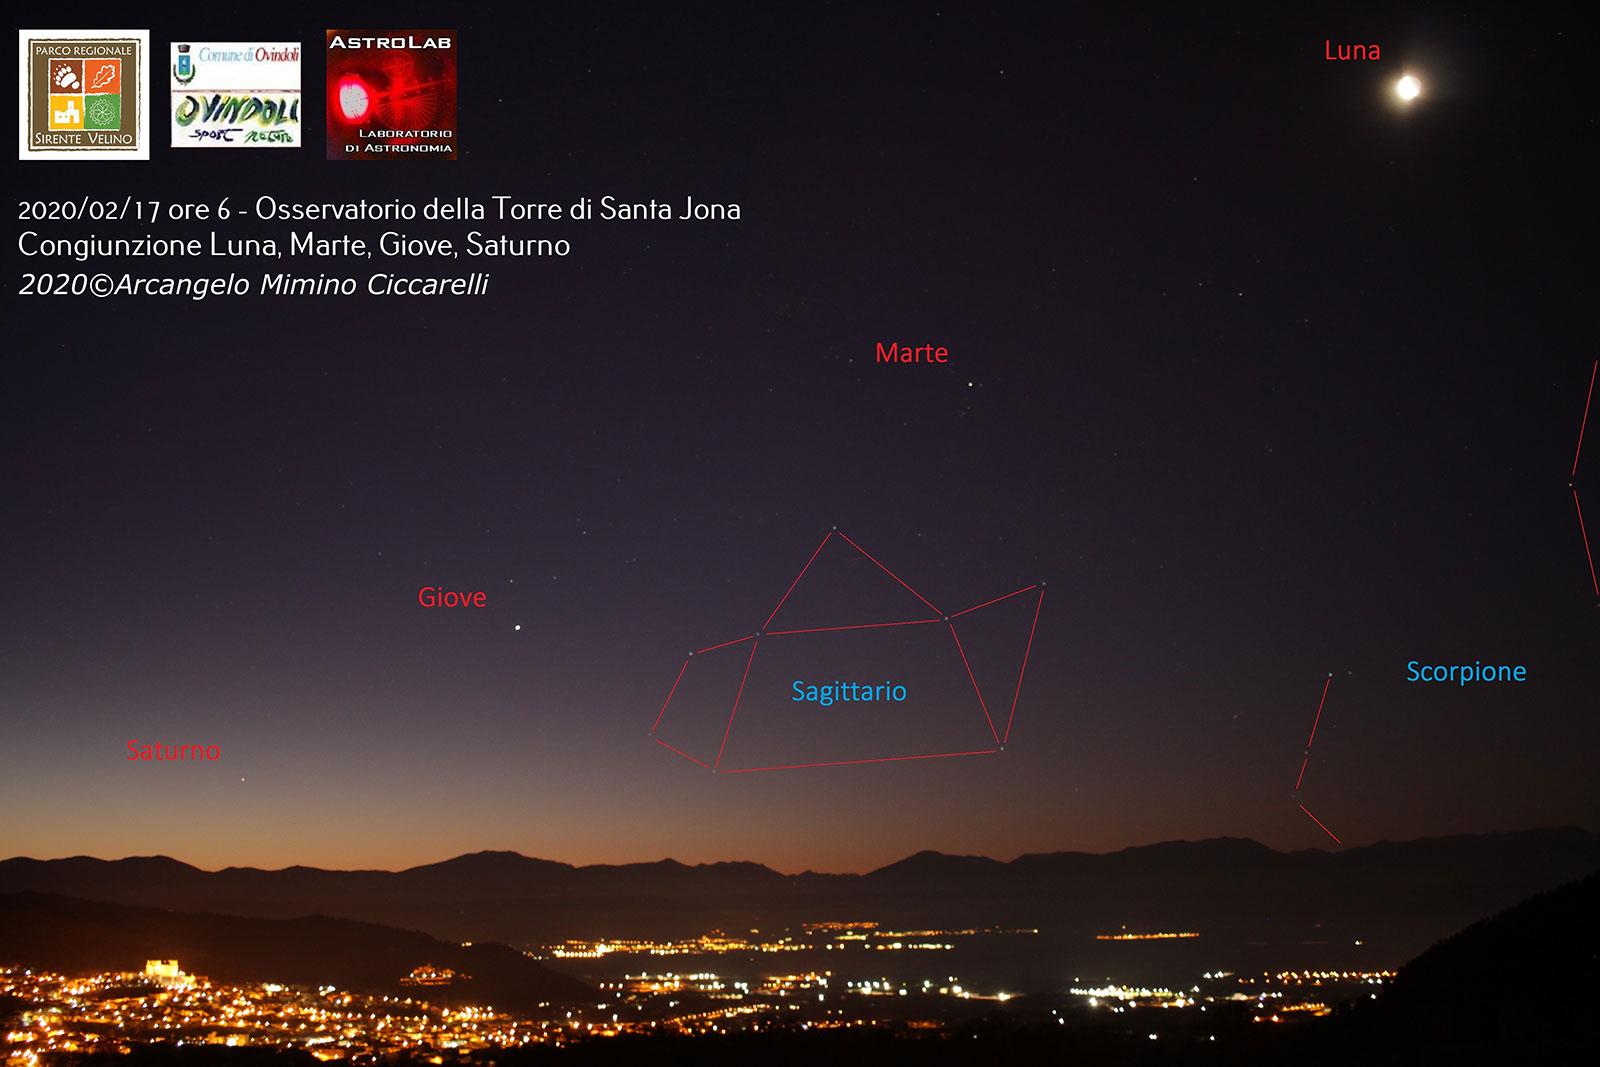 Congiunzione astronomica di Luna, Marte, Giove e Saturno le immagini uniche dall'osservatorio nella Torre di Santa Jona